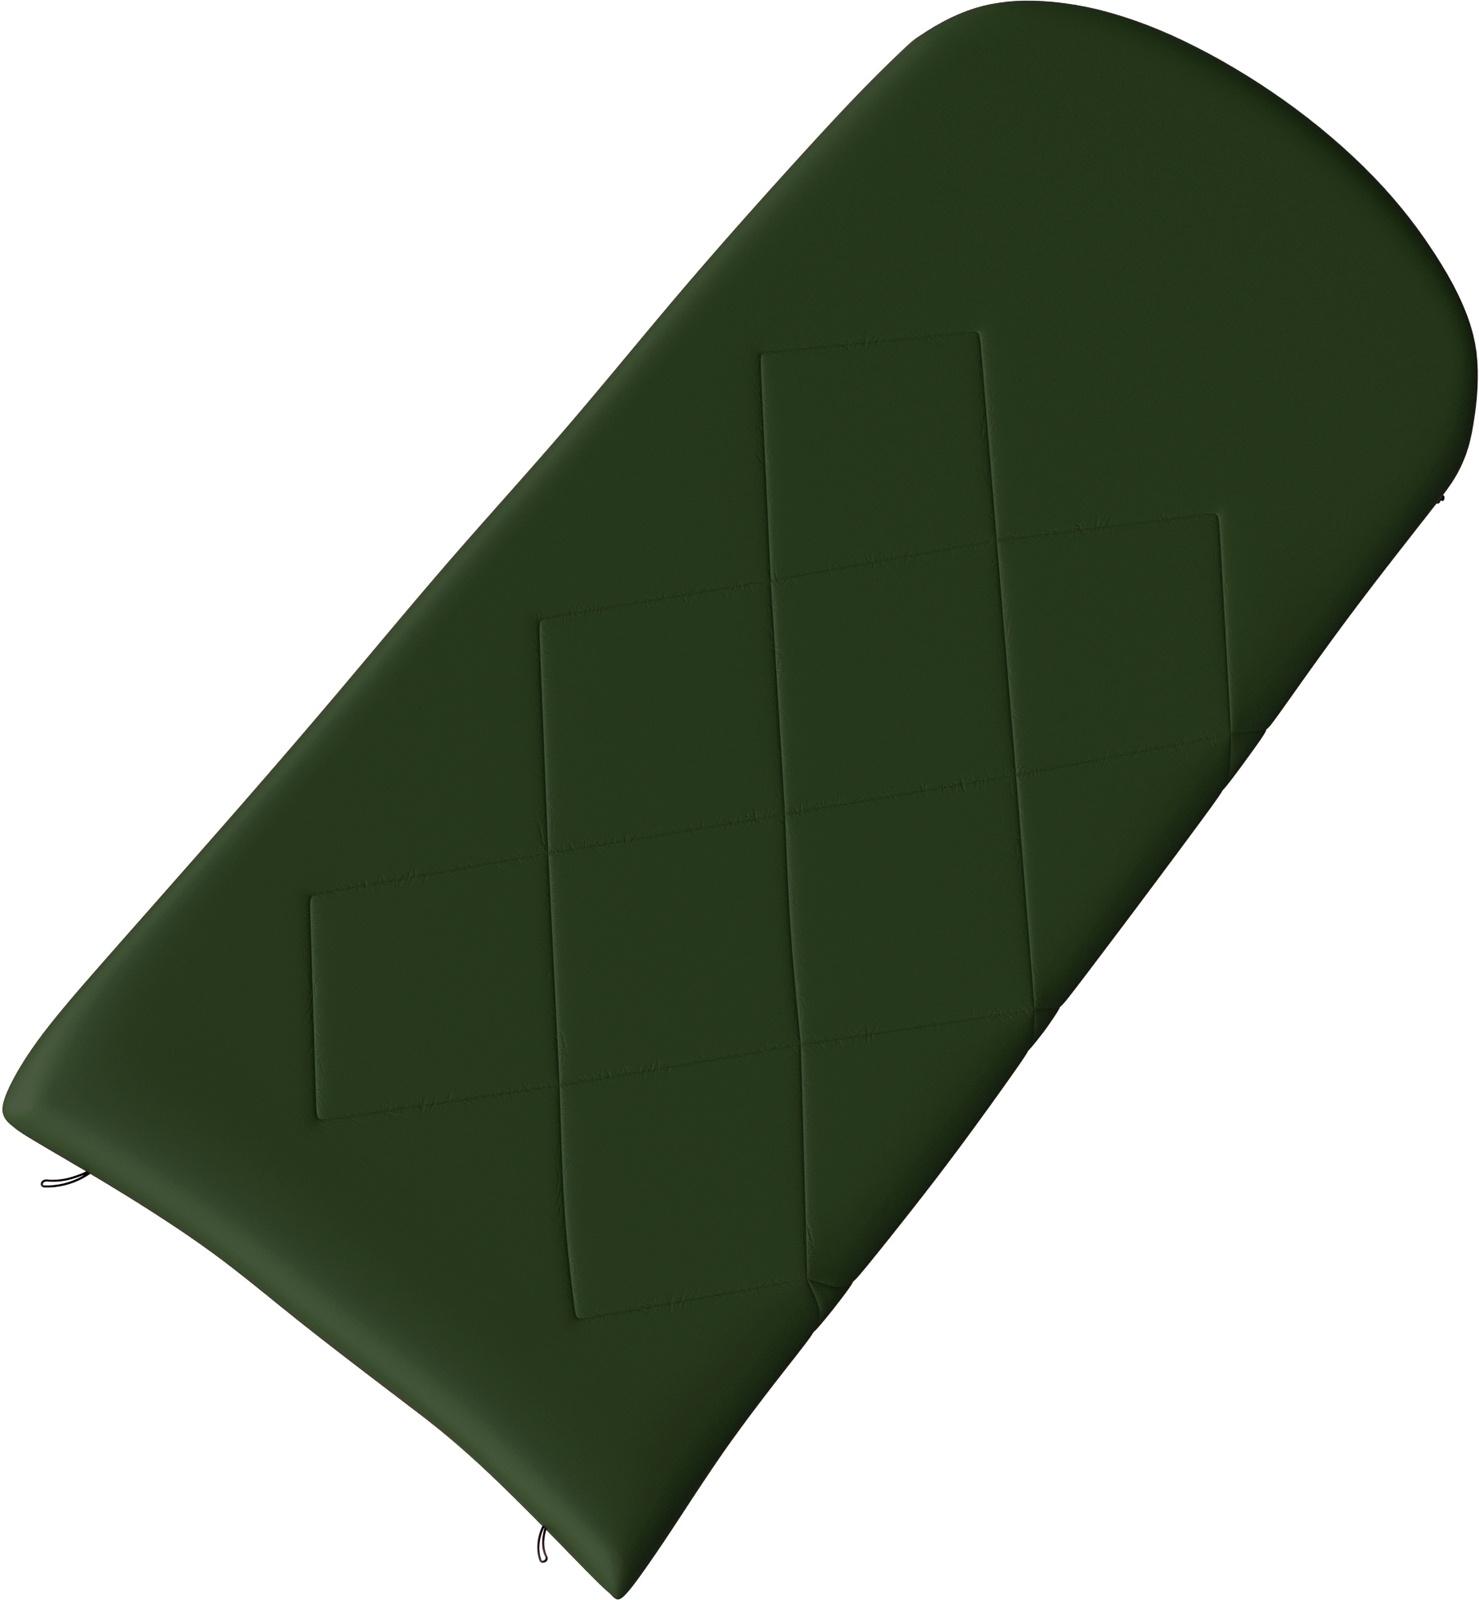 Spacák dekový   Gary -5°C zelená